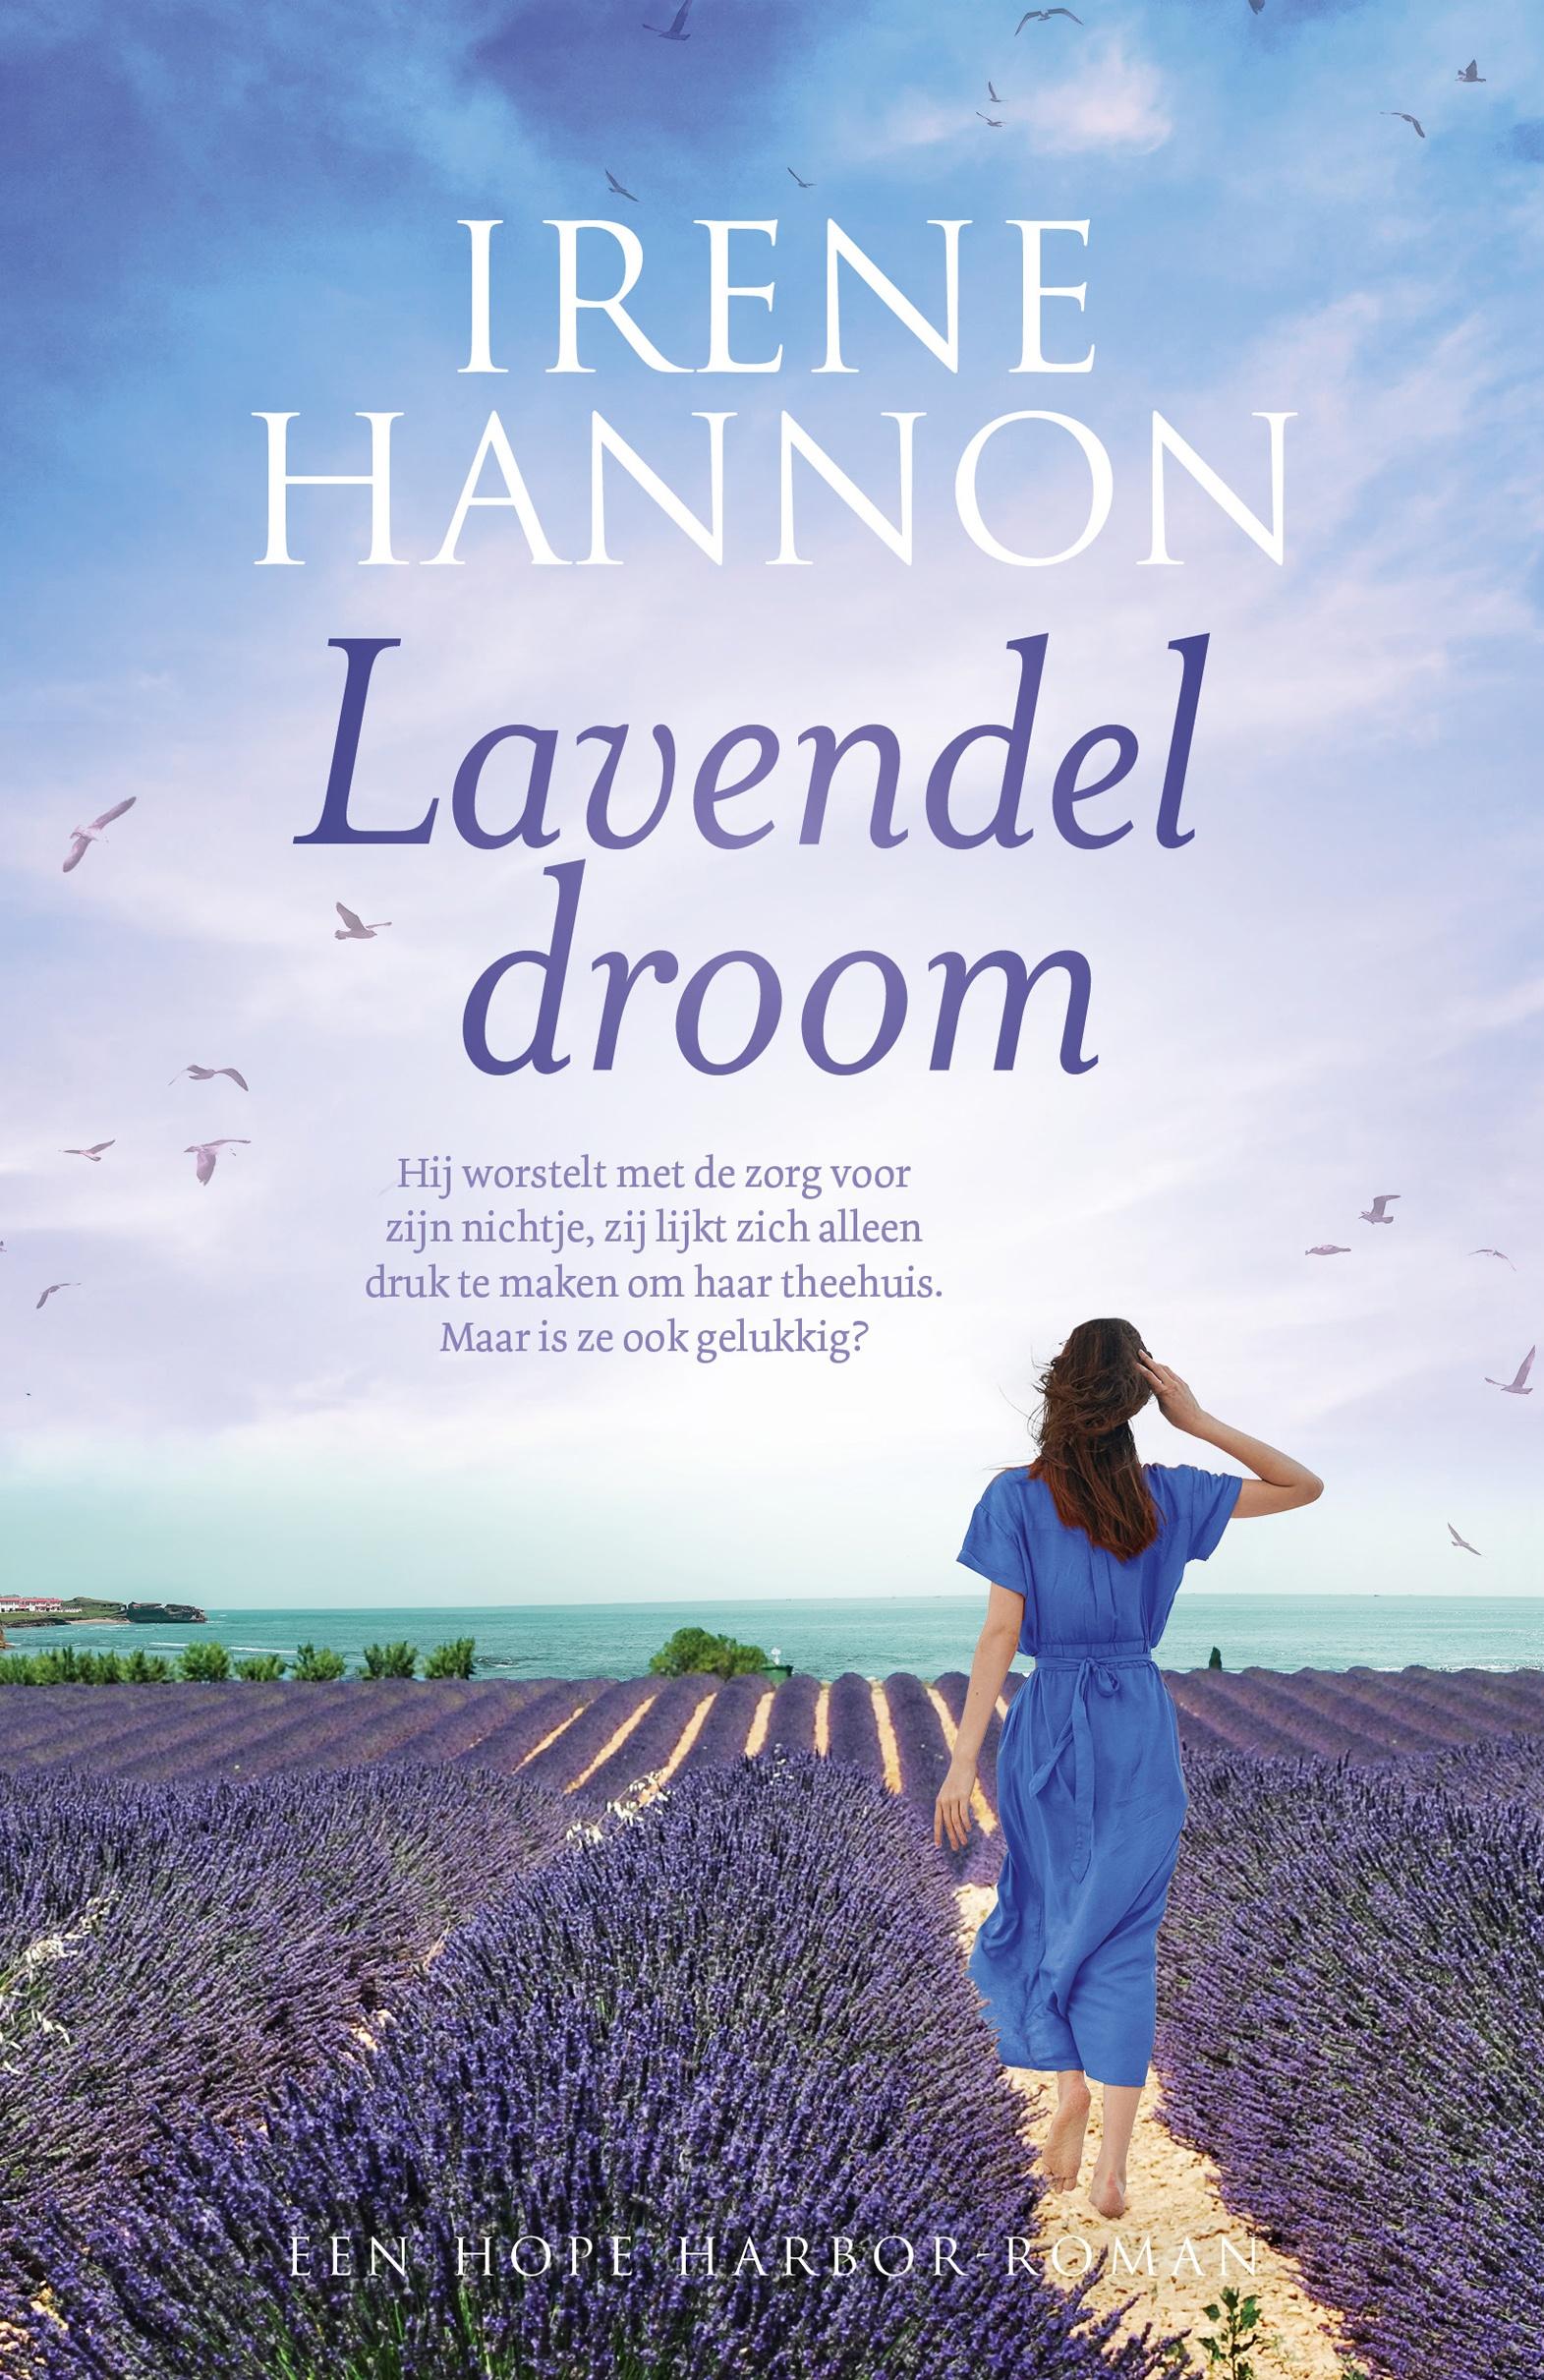 Het boek lavendeldroom van Irene Hannon